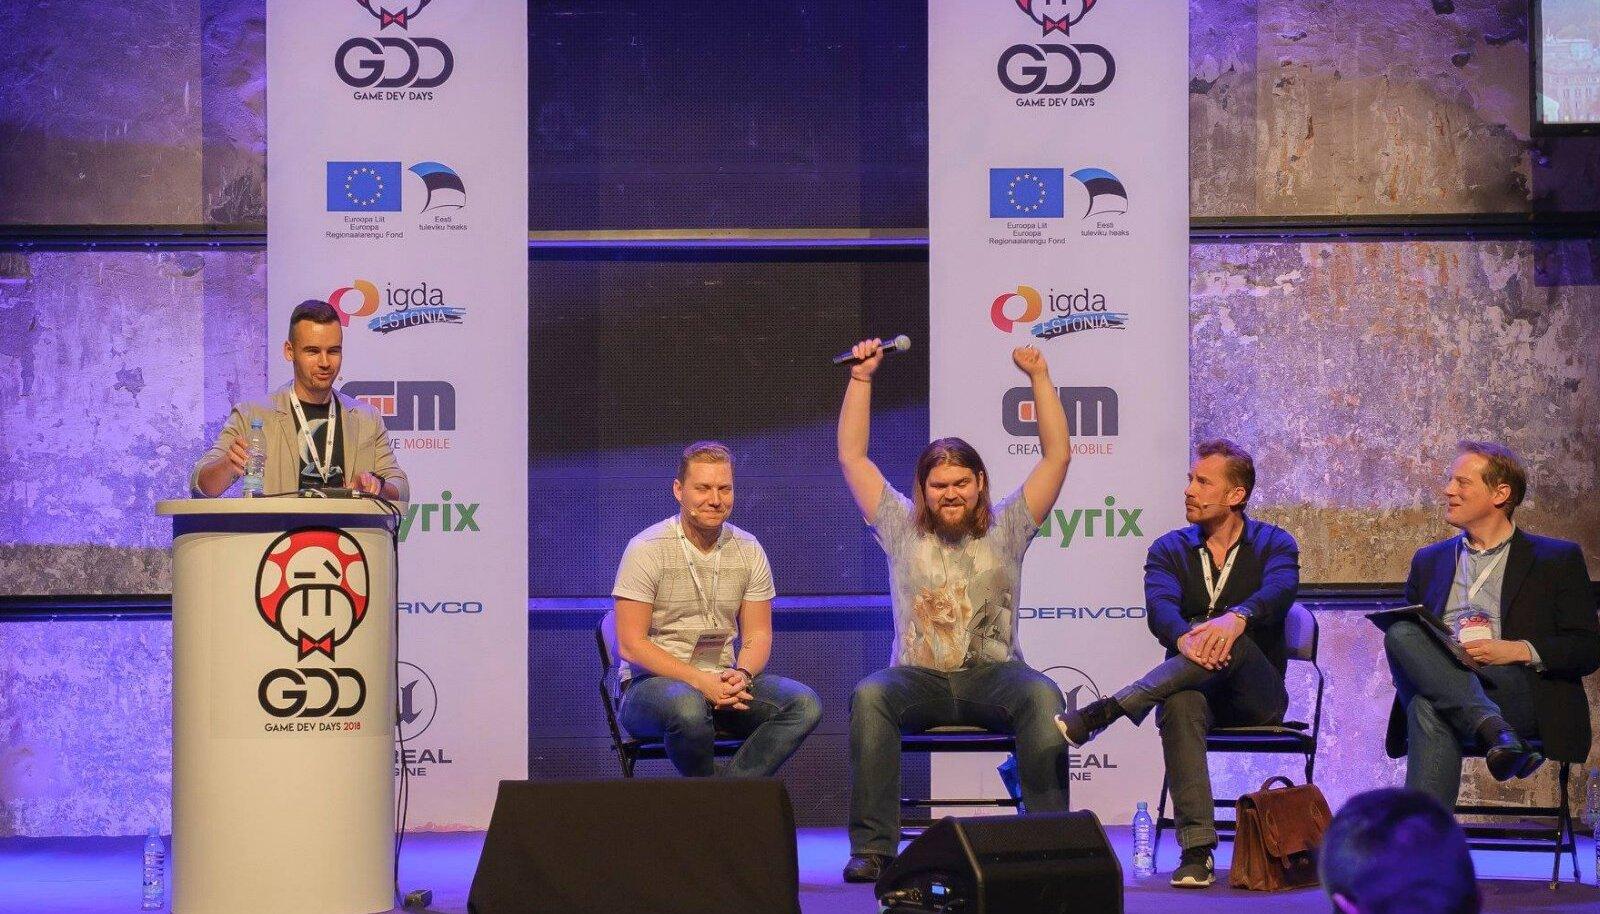 GameDev Days eesmärk on arendada ja viljeleda mängutööstust Eestis, teha üritus huvitavaks nii noortele mänguarendajatele, kes unistavad oma isiklike mängude loomisest, kui ka mängutööstusharu professionaalidele